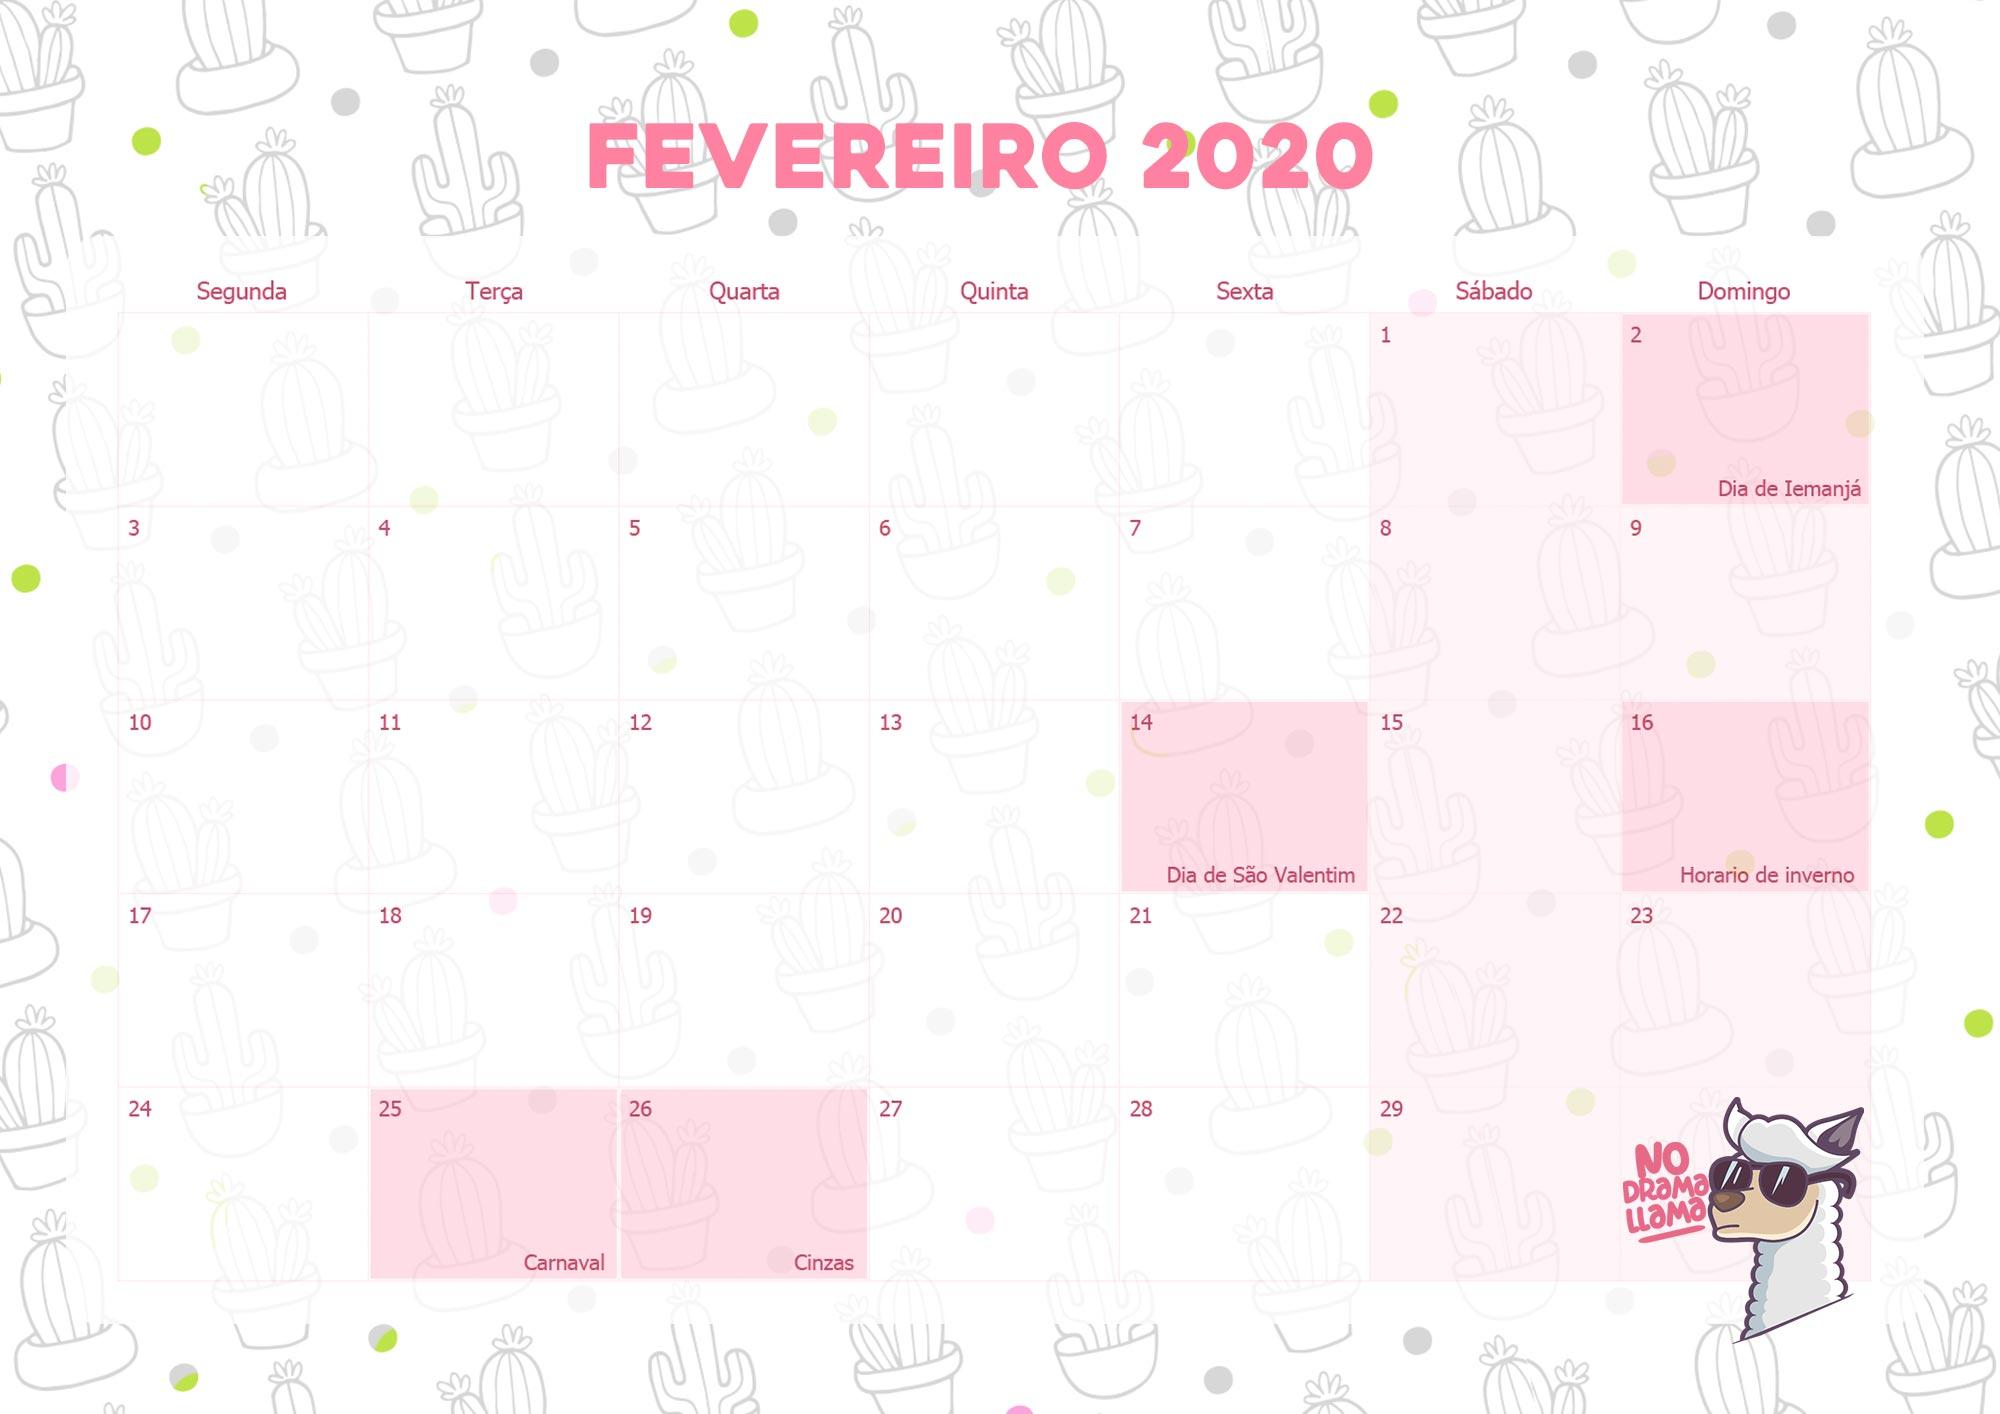 Calendario Mensal Lhama Drama 2020 Fevereiro